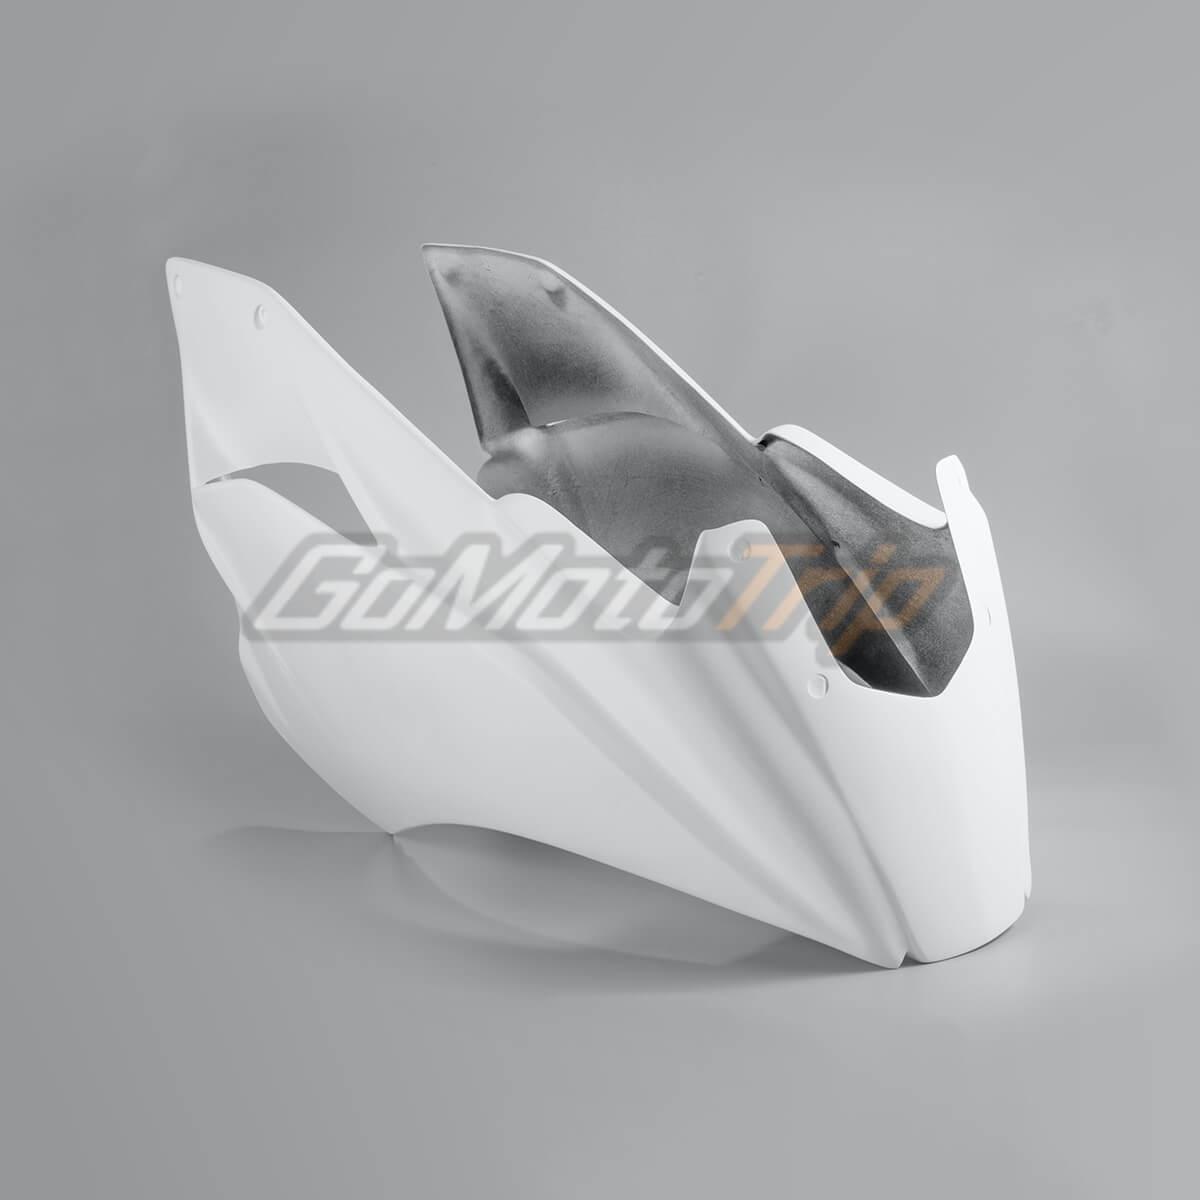 KTM RC390 Race Bodywork Unpainted 2